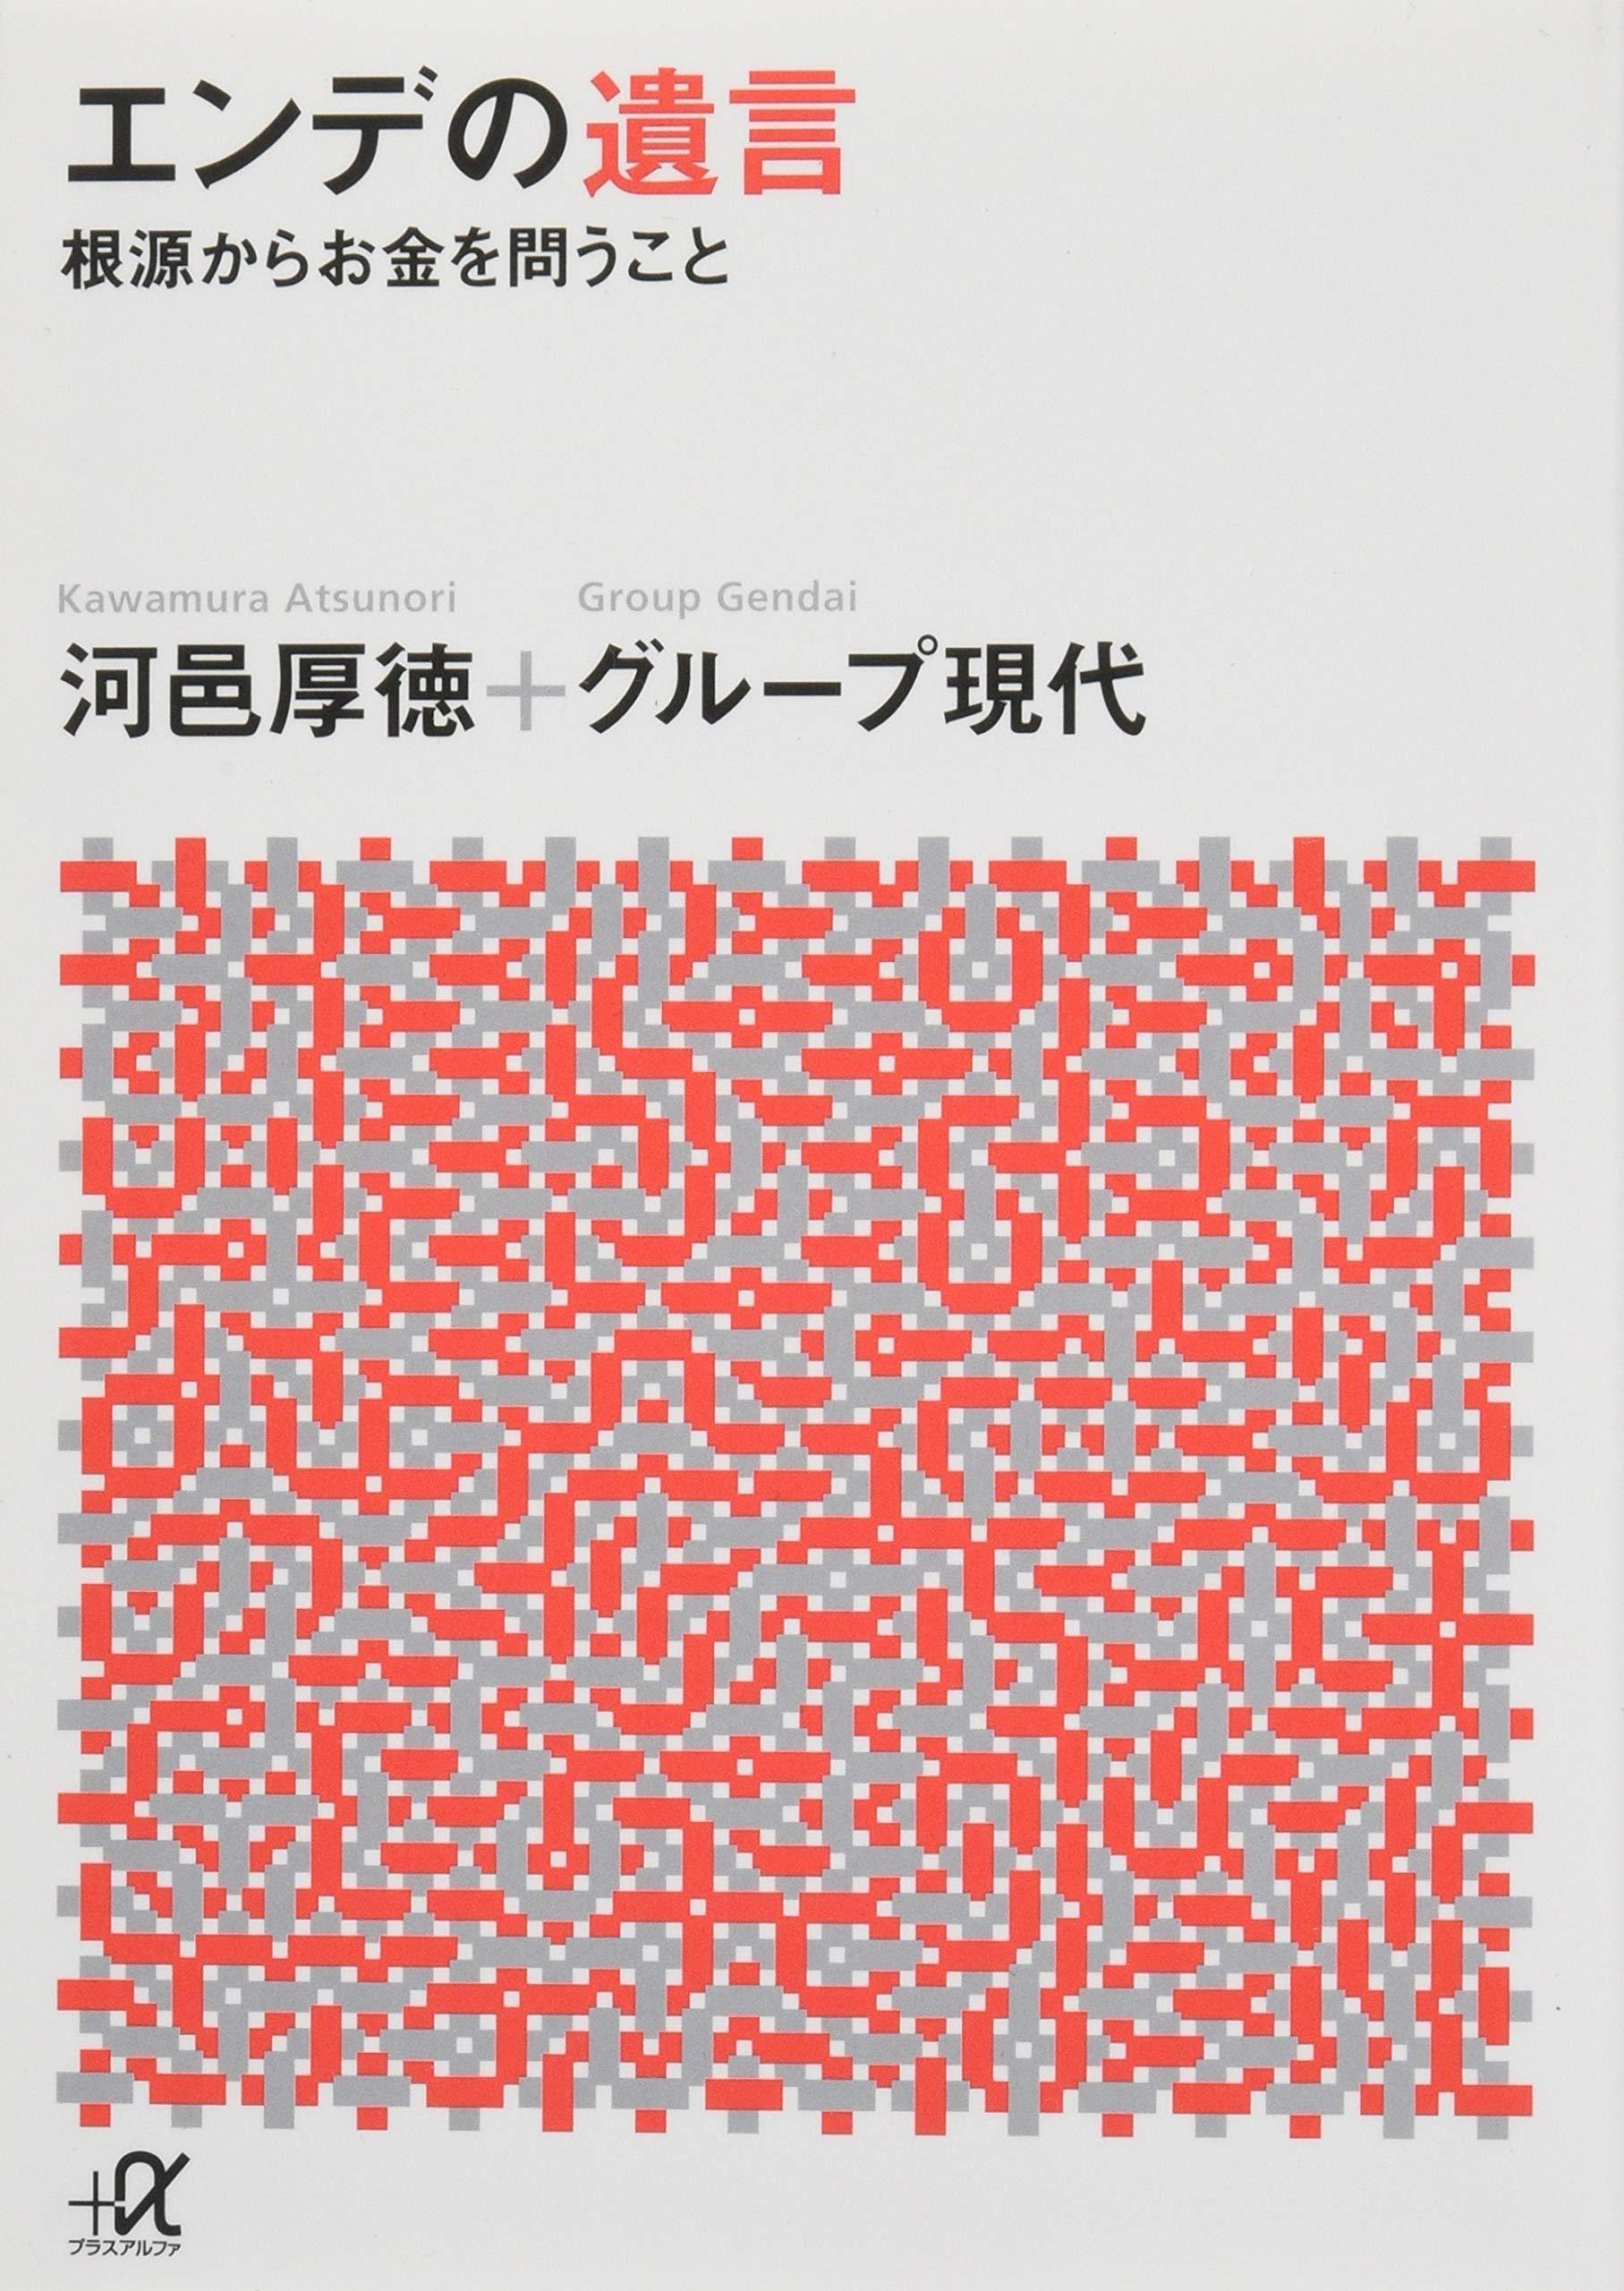 河邑厚徳・グループ現代(2011)『エンデの遺言 根源からお金を問うこと』講談社+α文庫